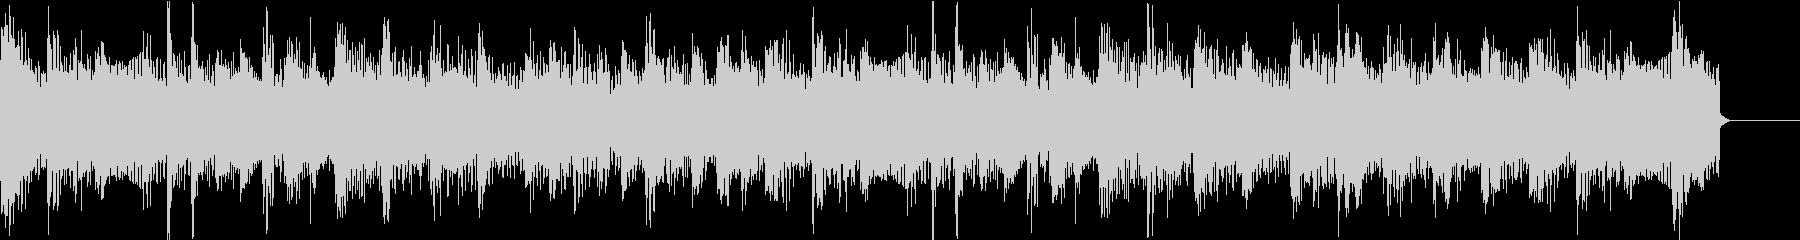 ロックテイストのBGMの未再生の波形